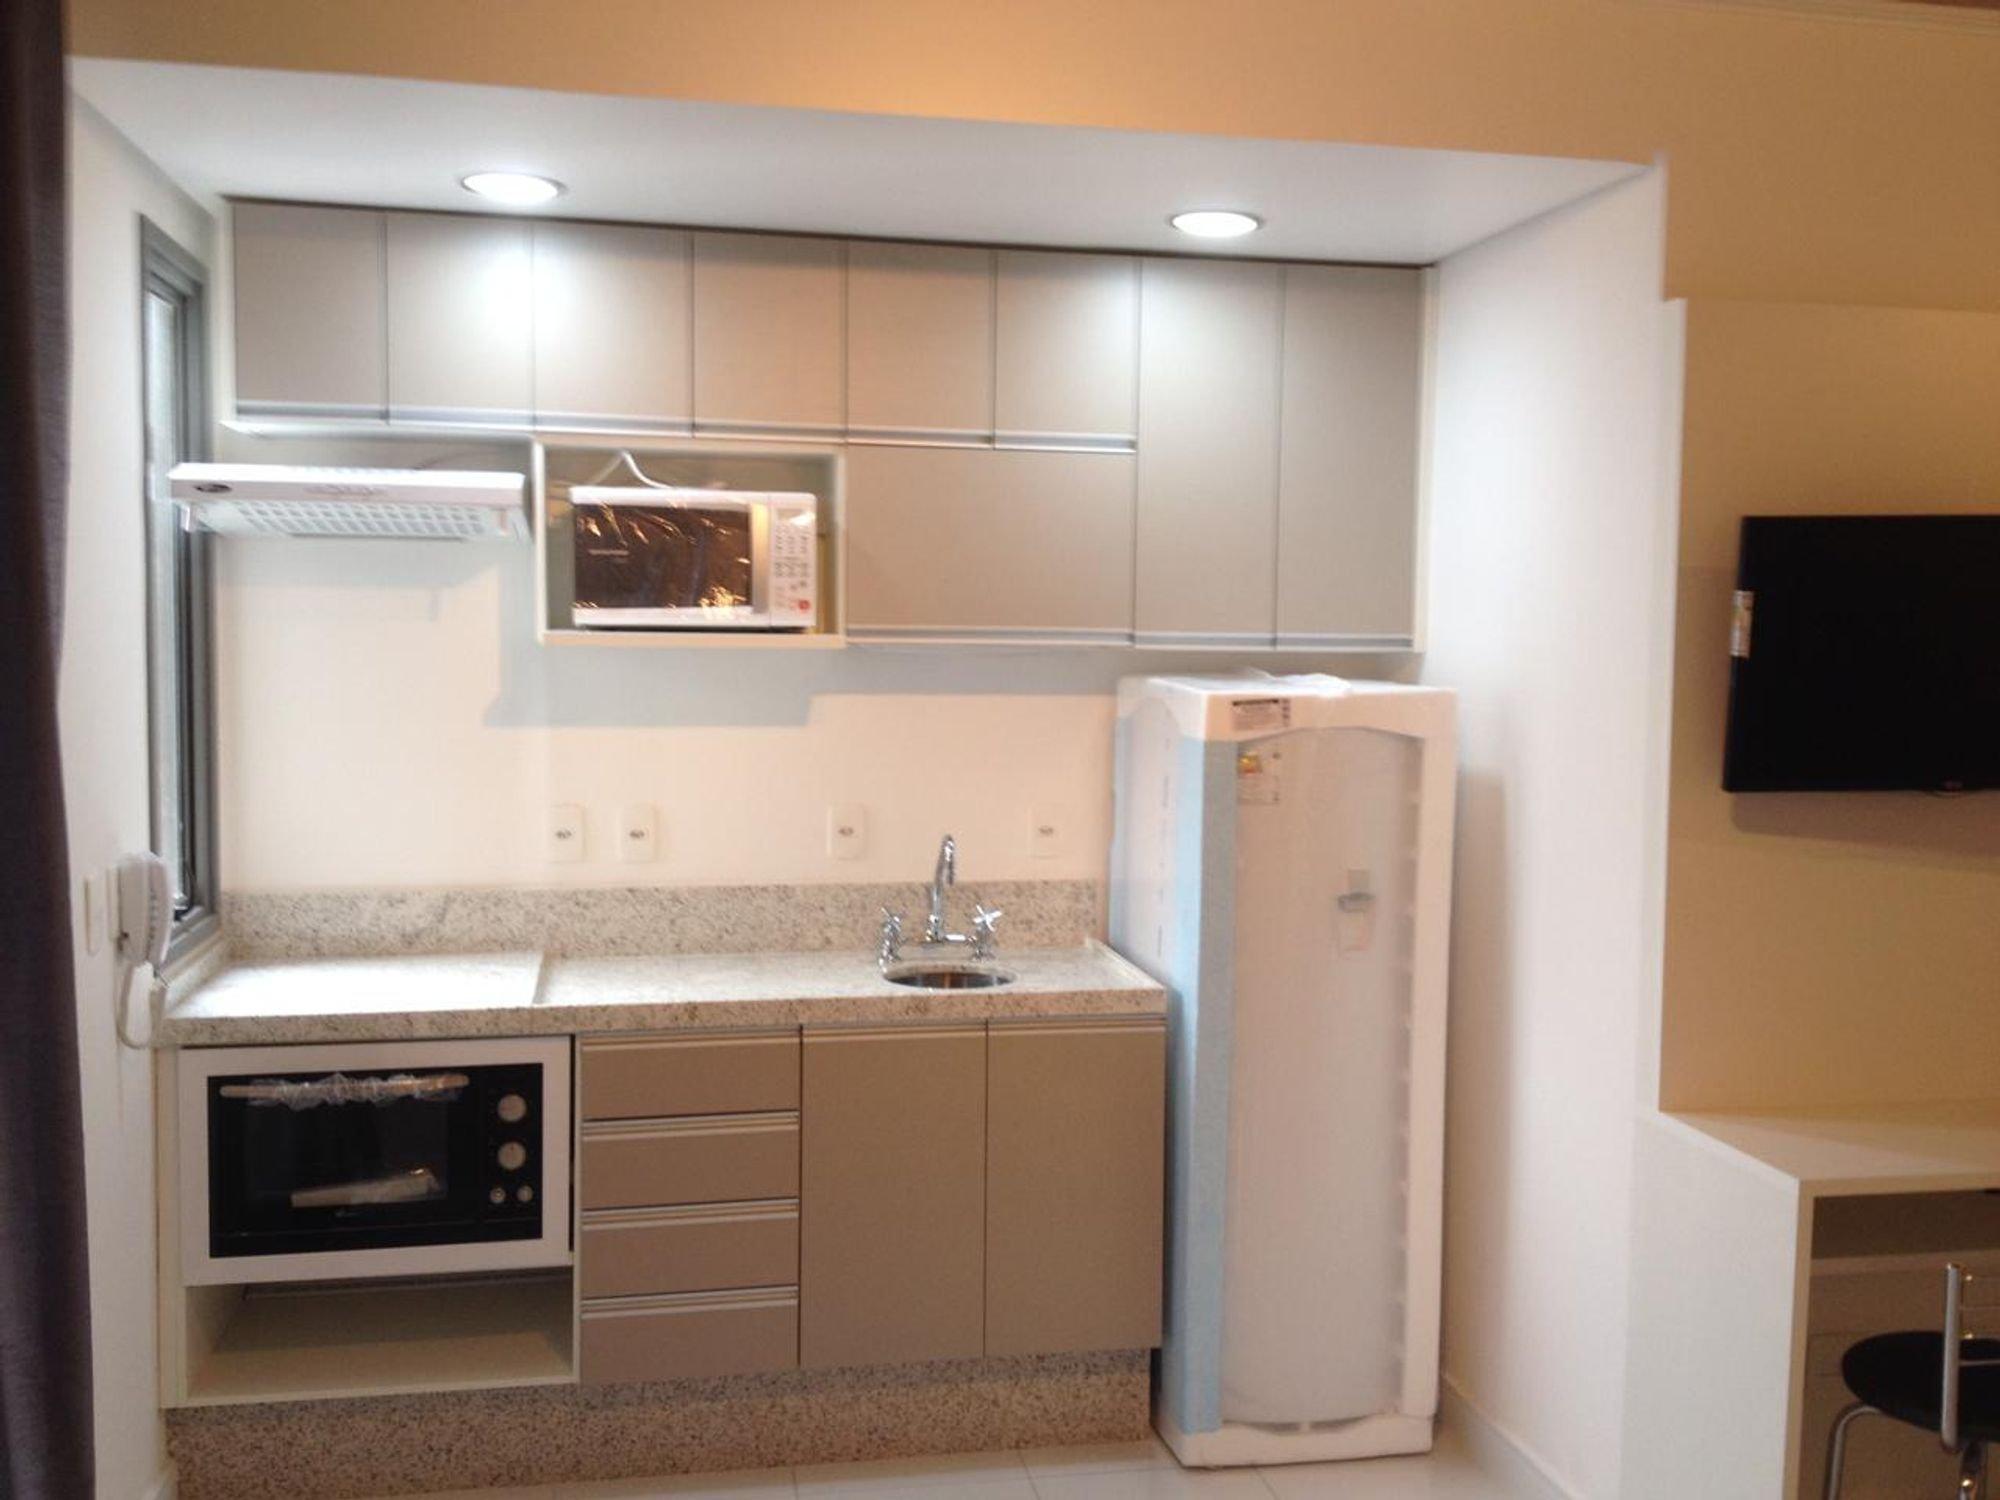 Foto de Cozinha com televisão, geladeira, pia, microondas